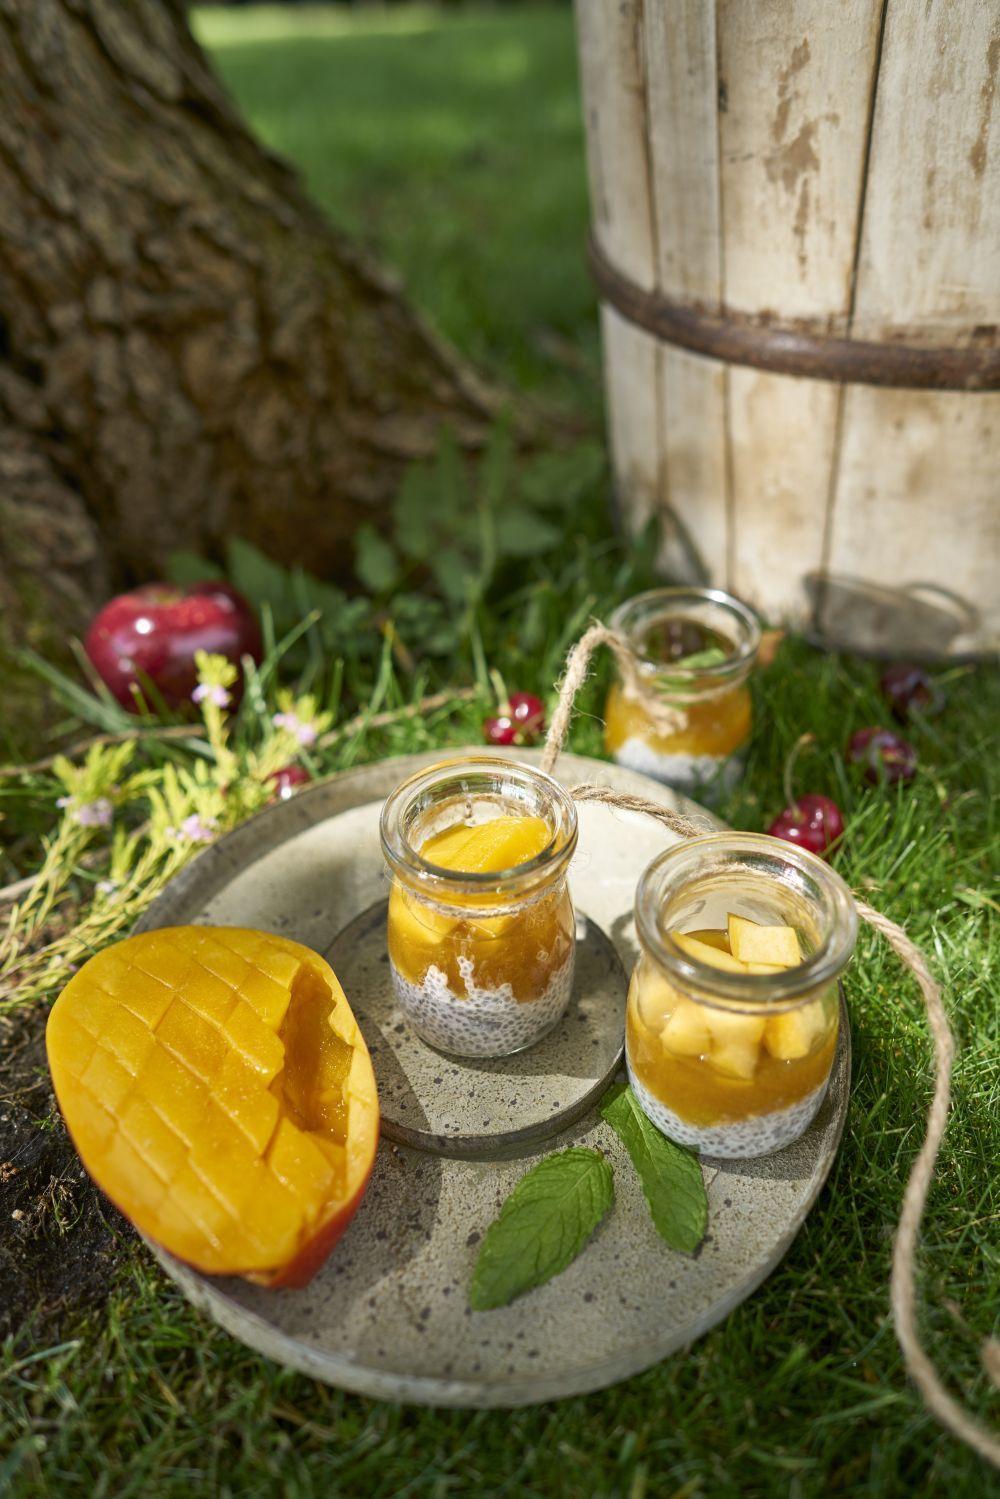 A media mañana, tómate un tentempié y opta por una pieza de fruta, un lácteo o un té frío con limón.